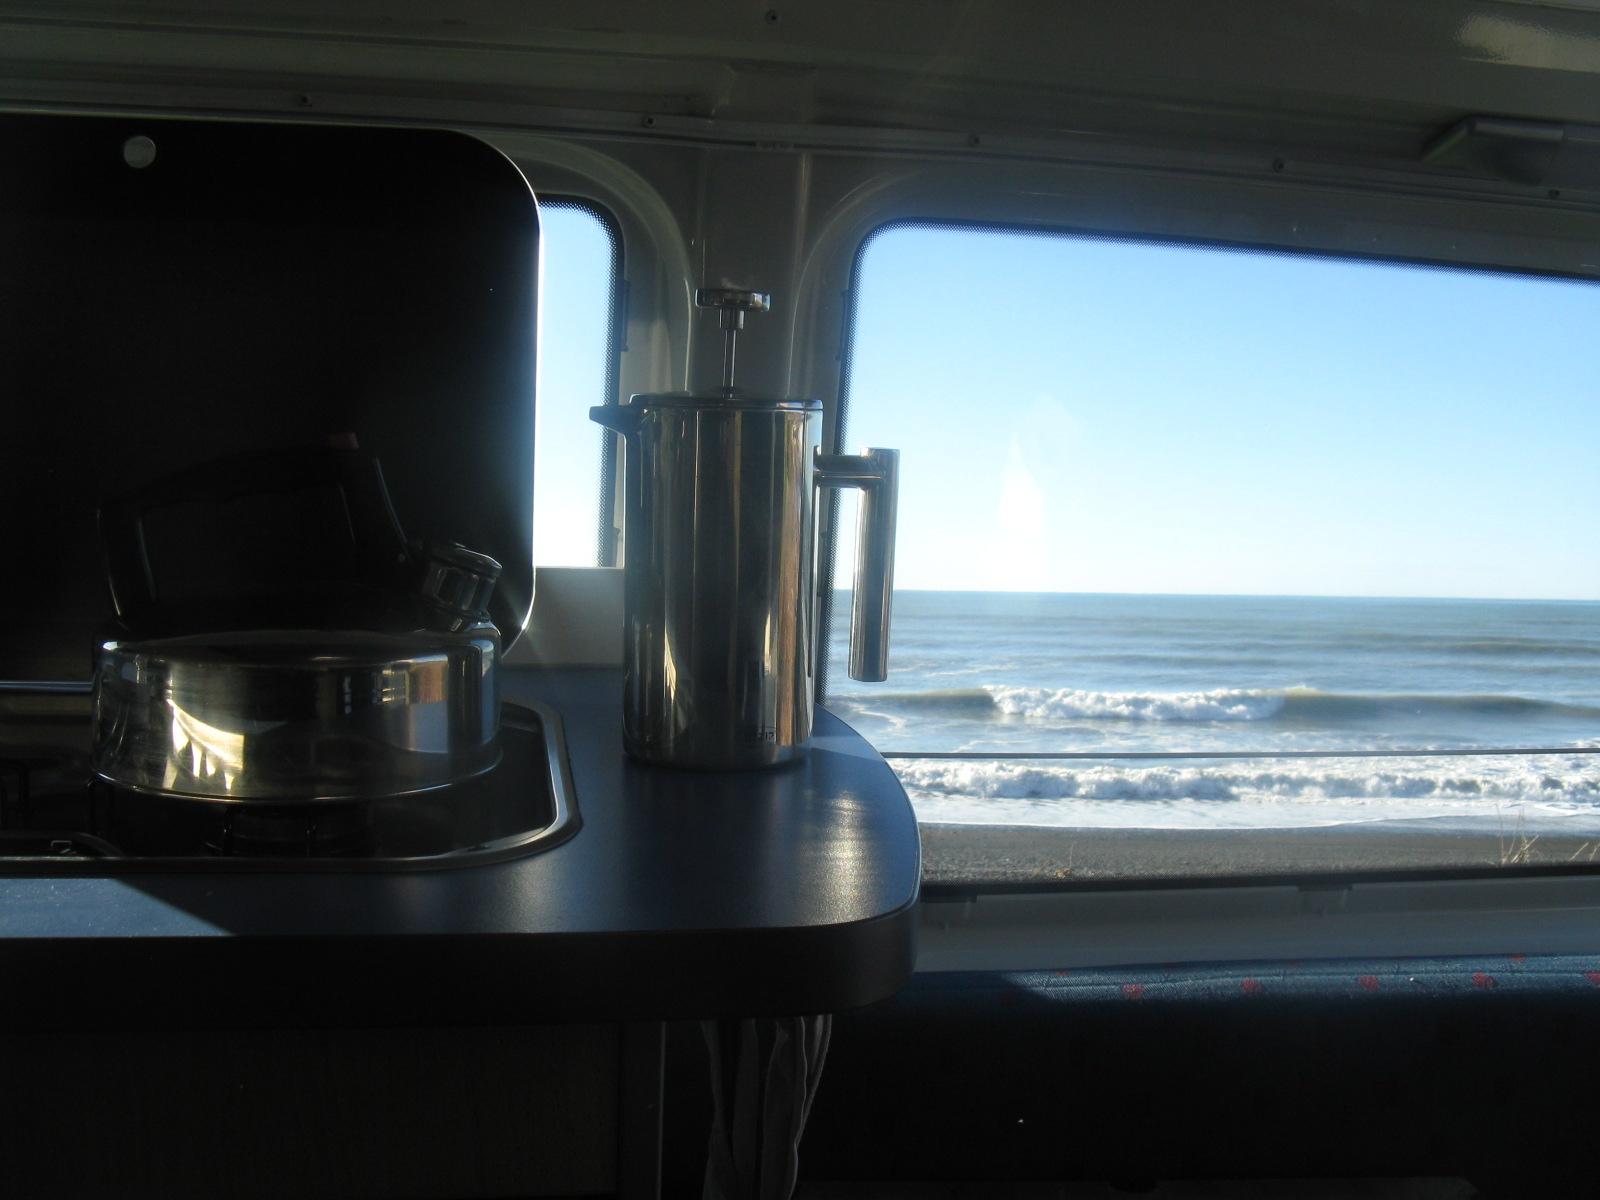 Living in your van down by the ocean in New Zealand